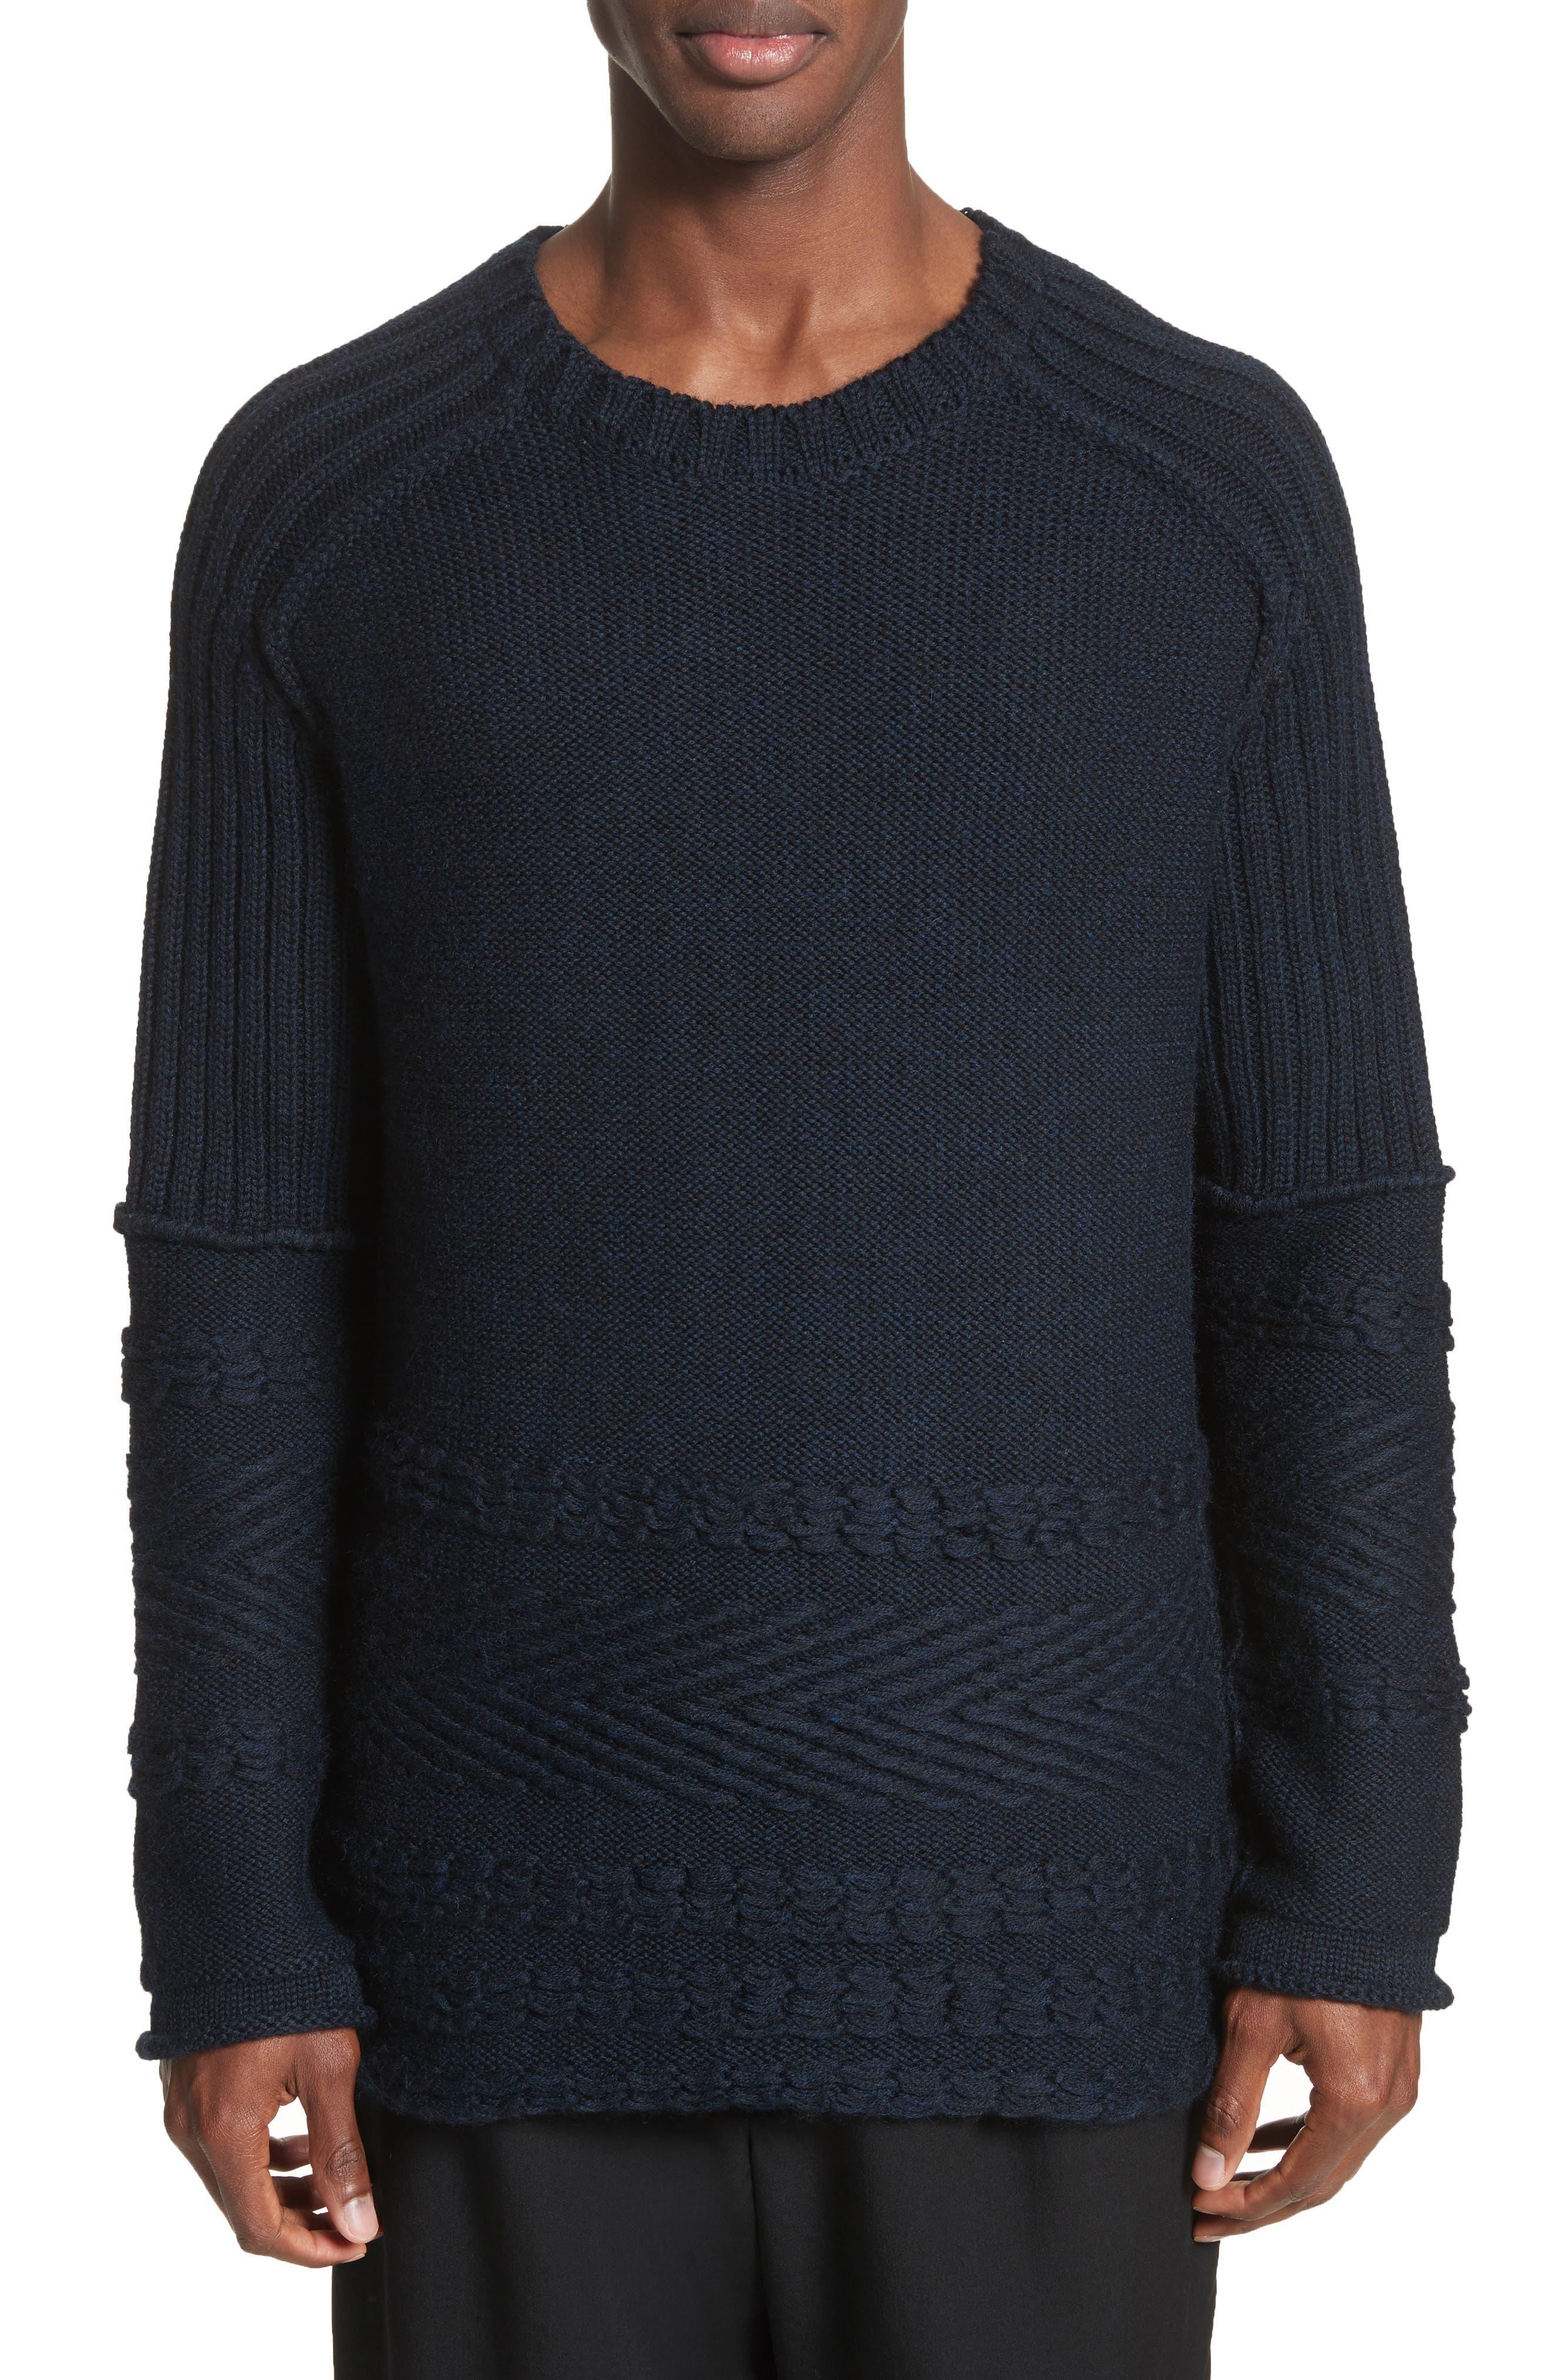 Yohji Yamamoto Mixed Knit Wool Sweater